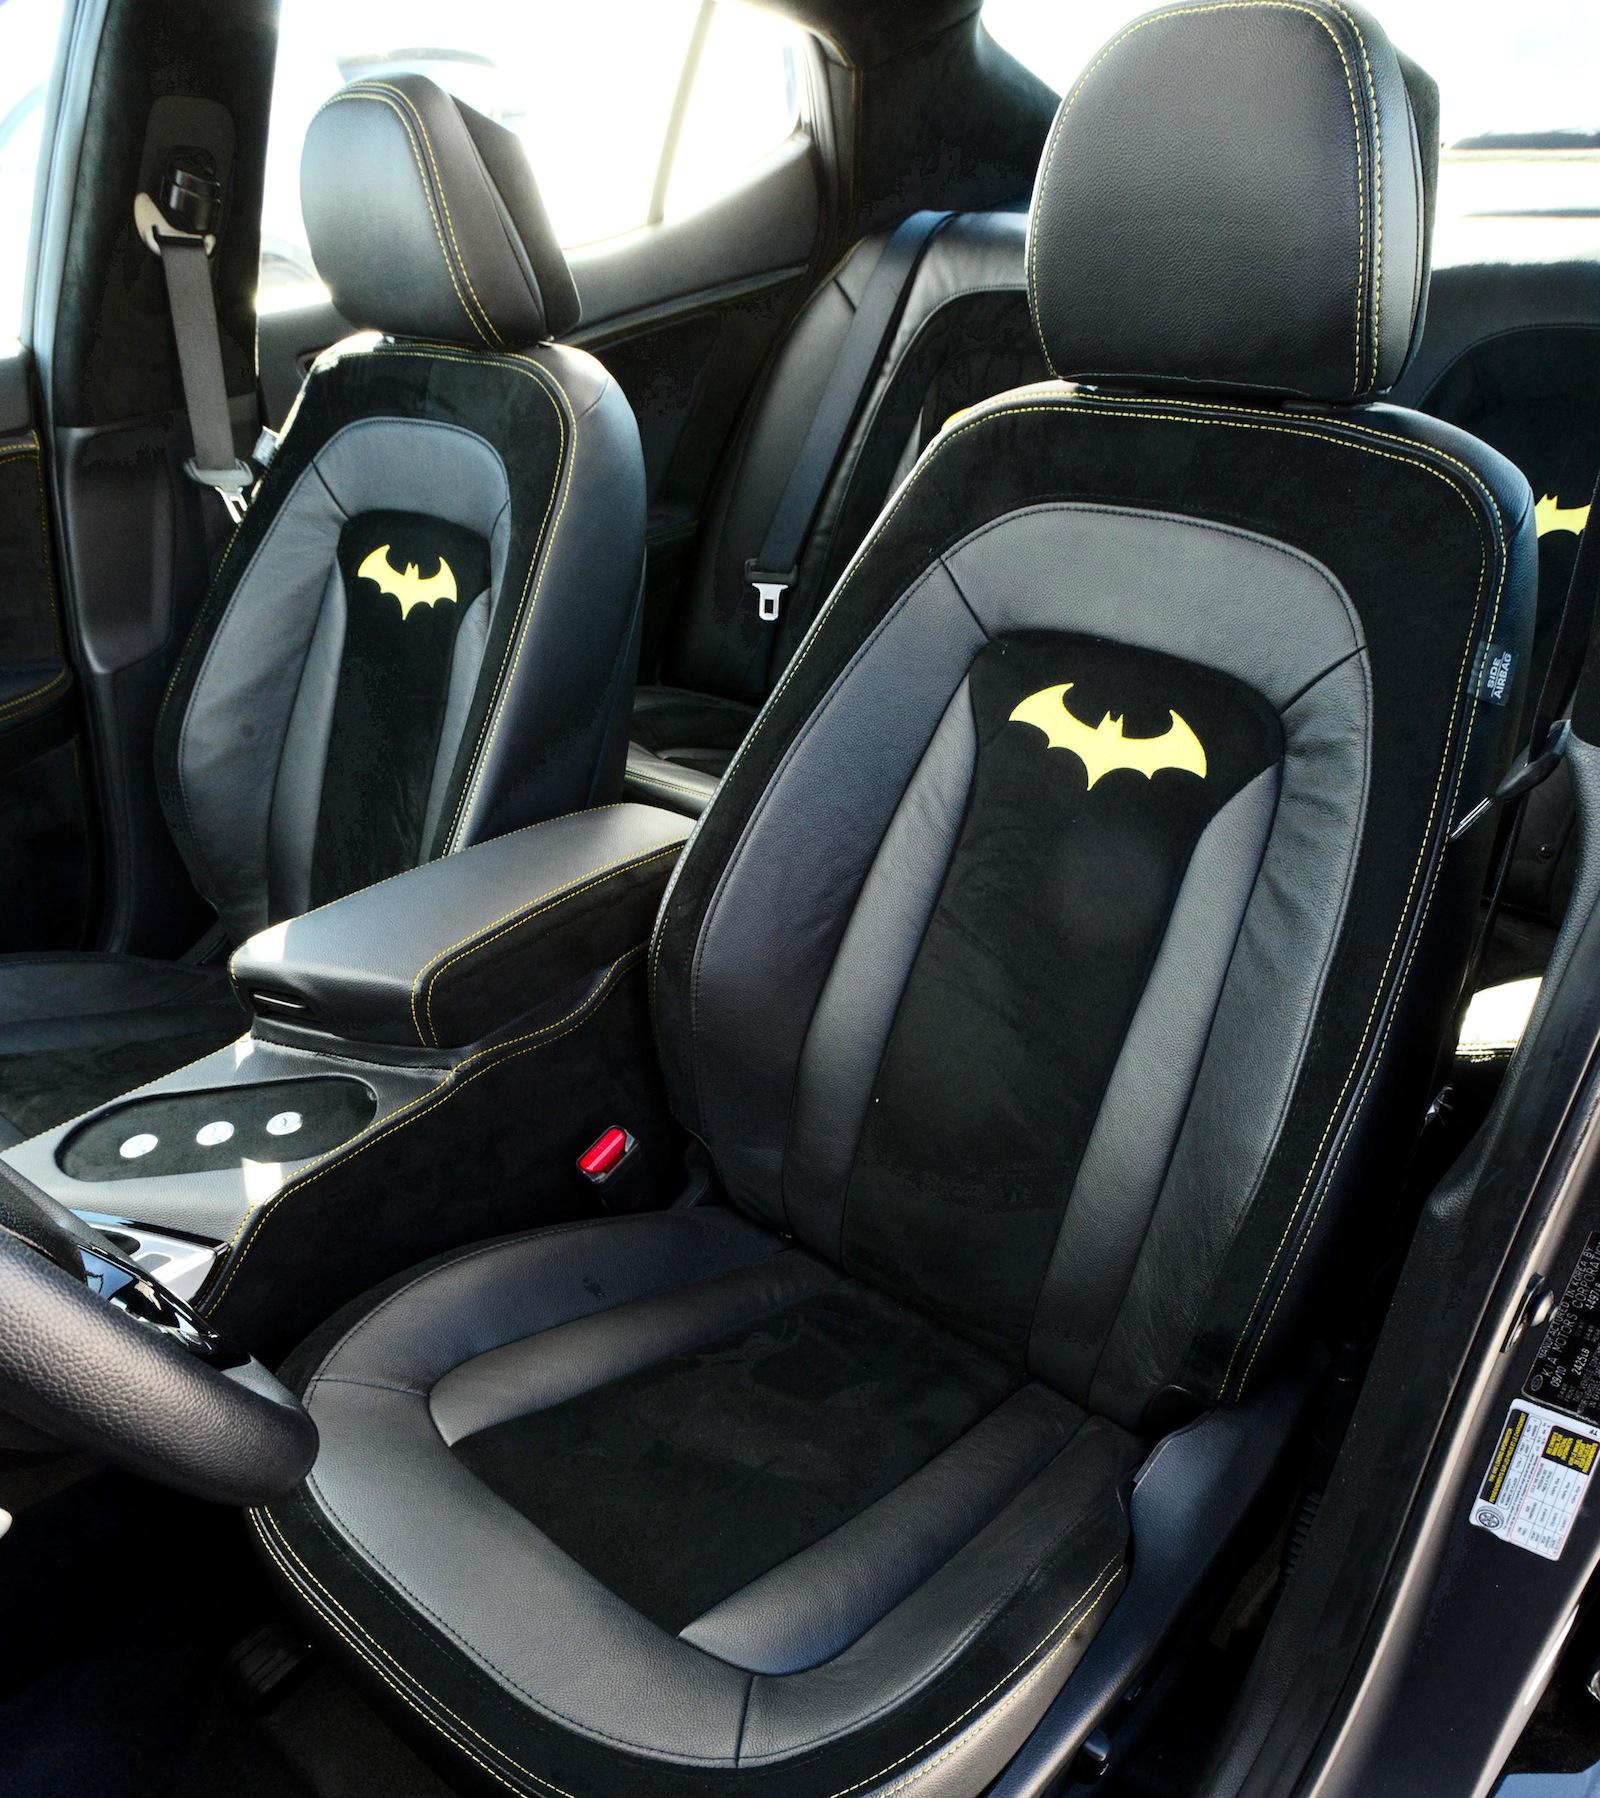 Kia Justice League super hero cars unveiled at 2012 SEMA ...